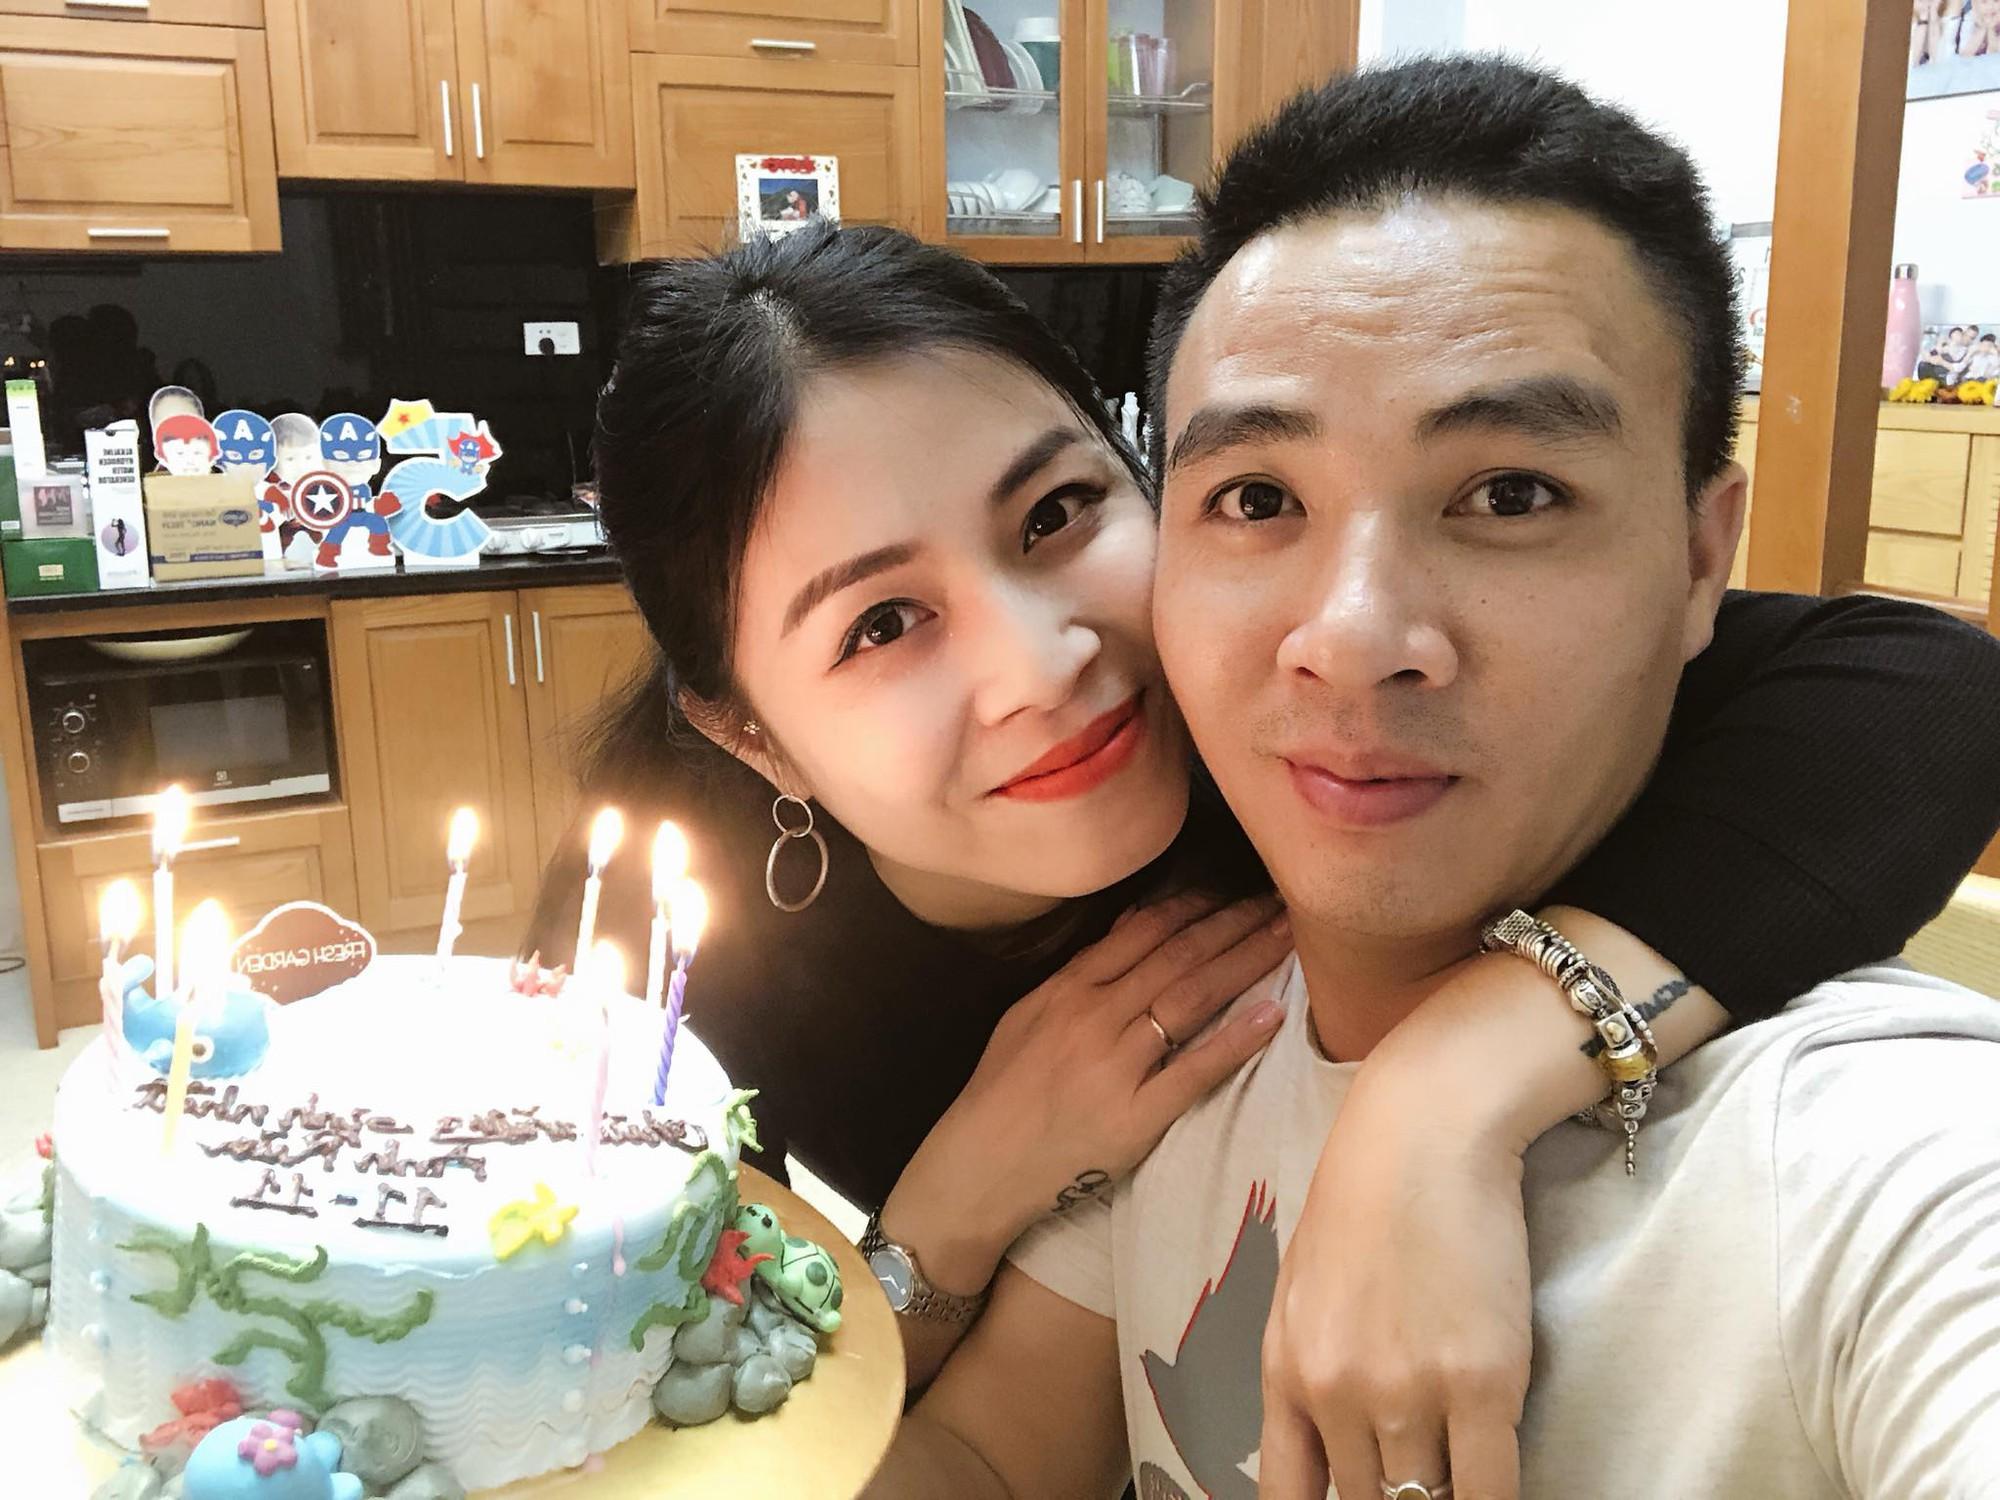 Vừa hôm qua MC Hoàng Linh công khai chia tay, hôm nay hôn phu đã post ảnh cả hai vẫn thắm thiết - Ảnh 1.